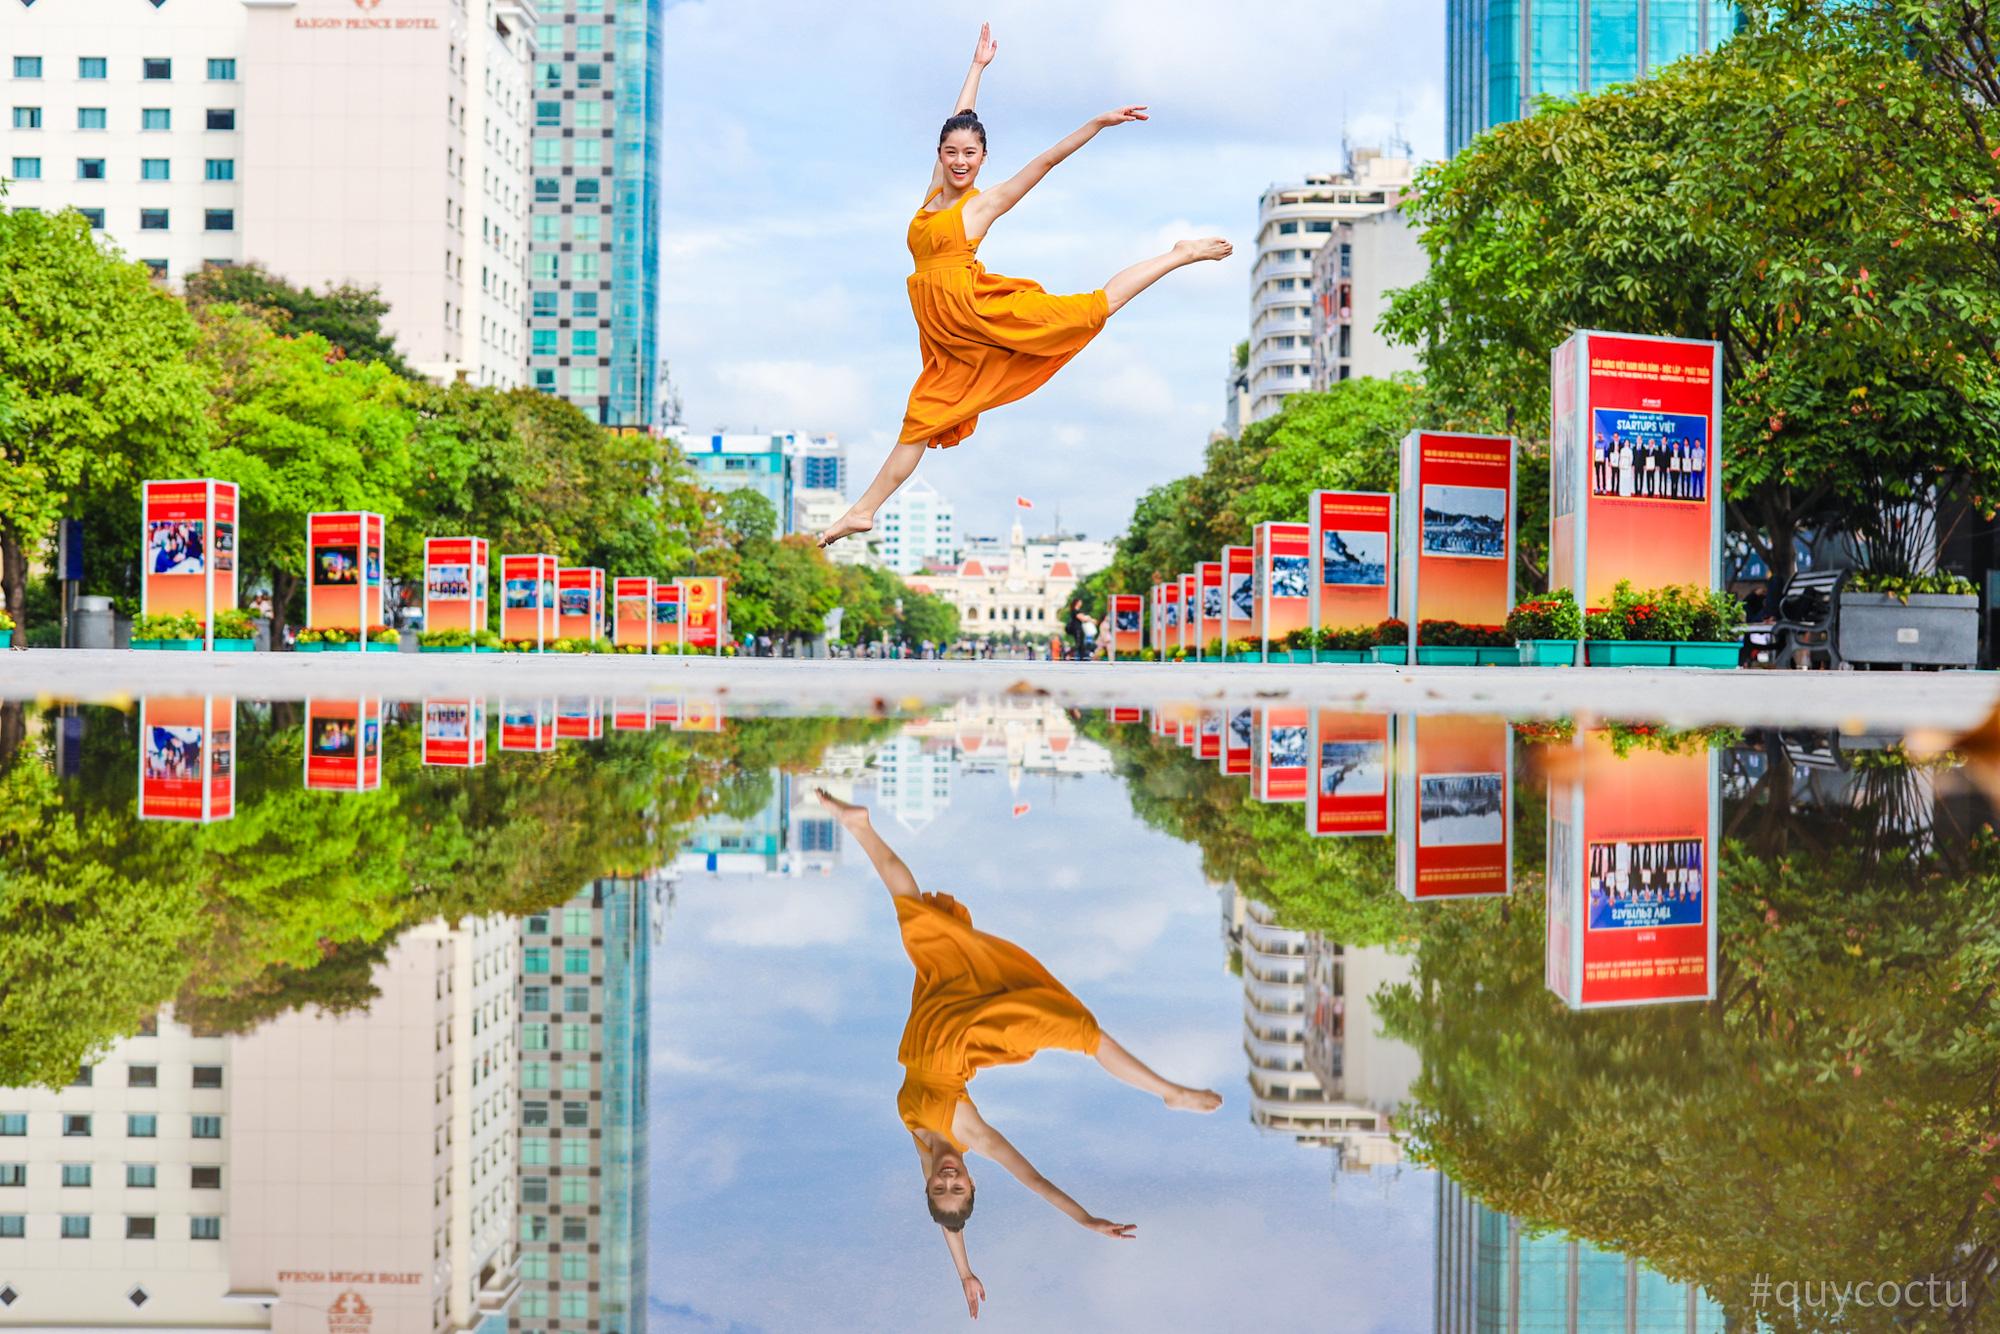 Dạo quanh TP Hồ Chí Minh cùng bloger du lịch nổi tiếng - Ảnh 2.